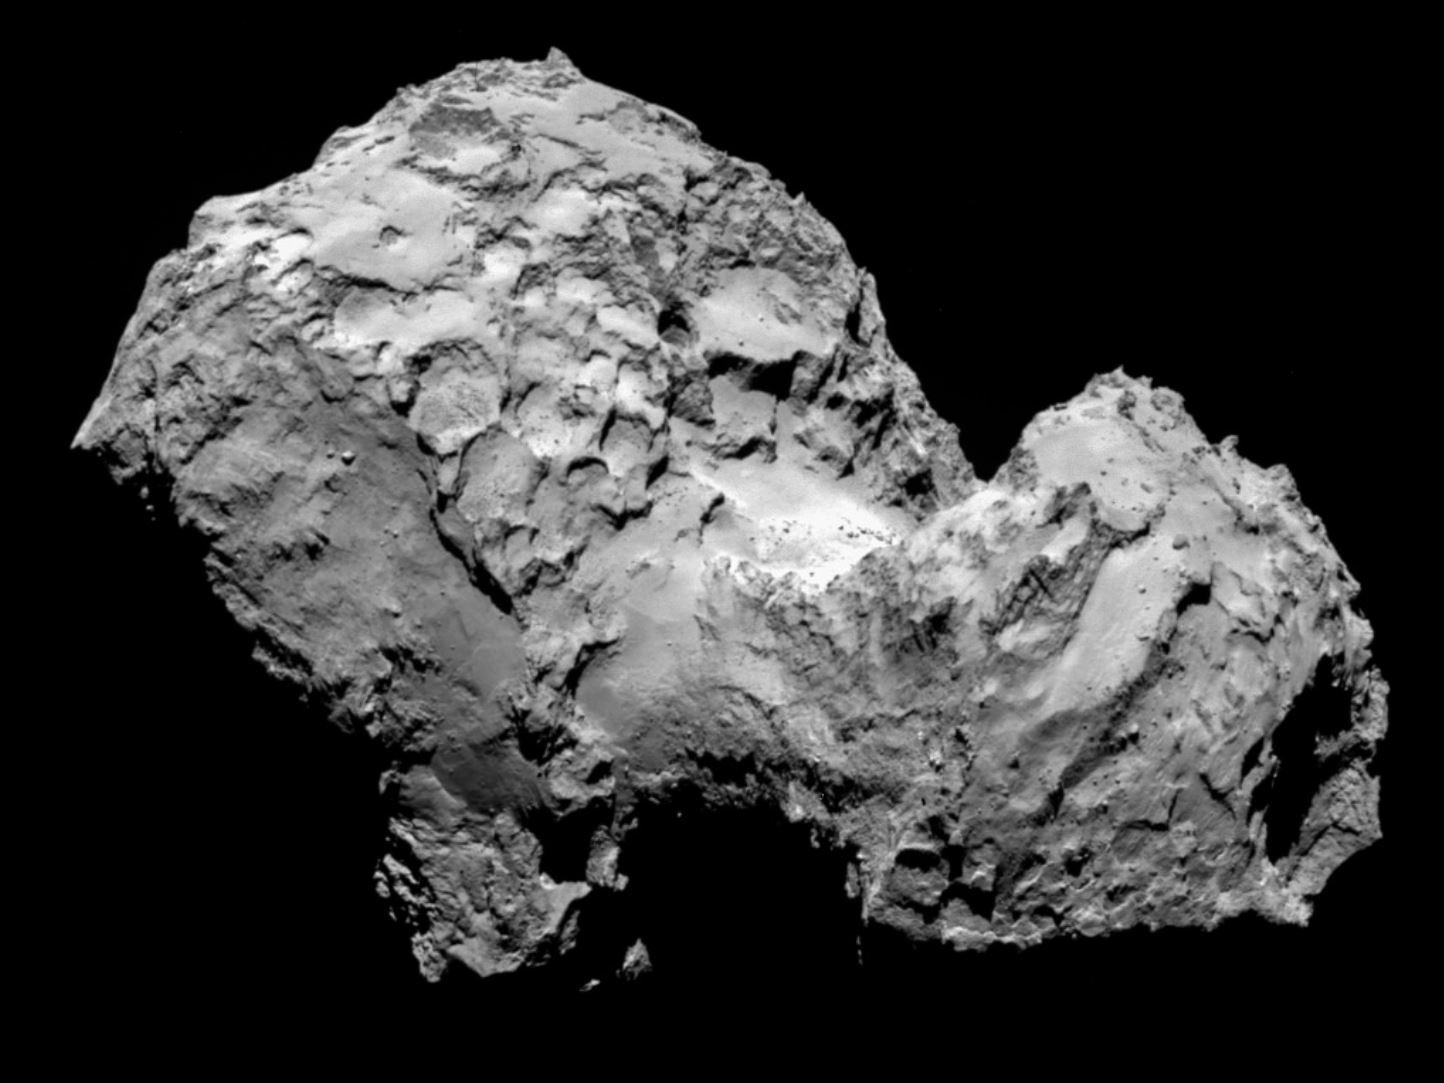 Cometa 67P/Churyumov-Gerasimenko è antica quanto il Sistema Solare